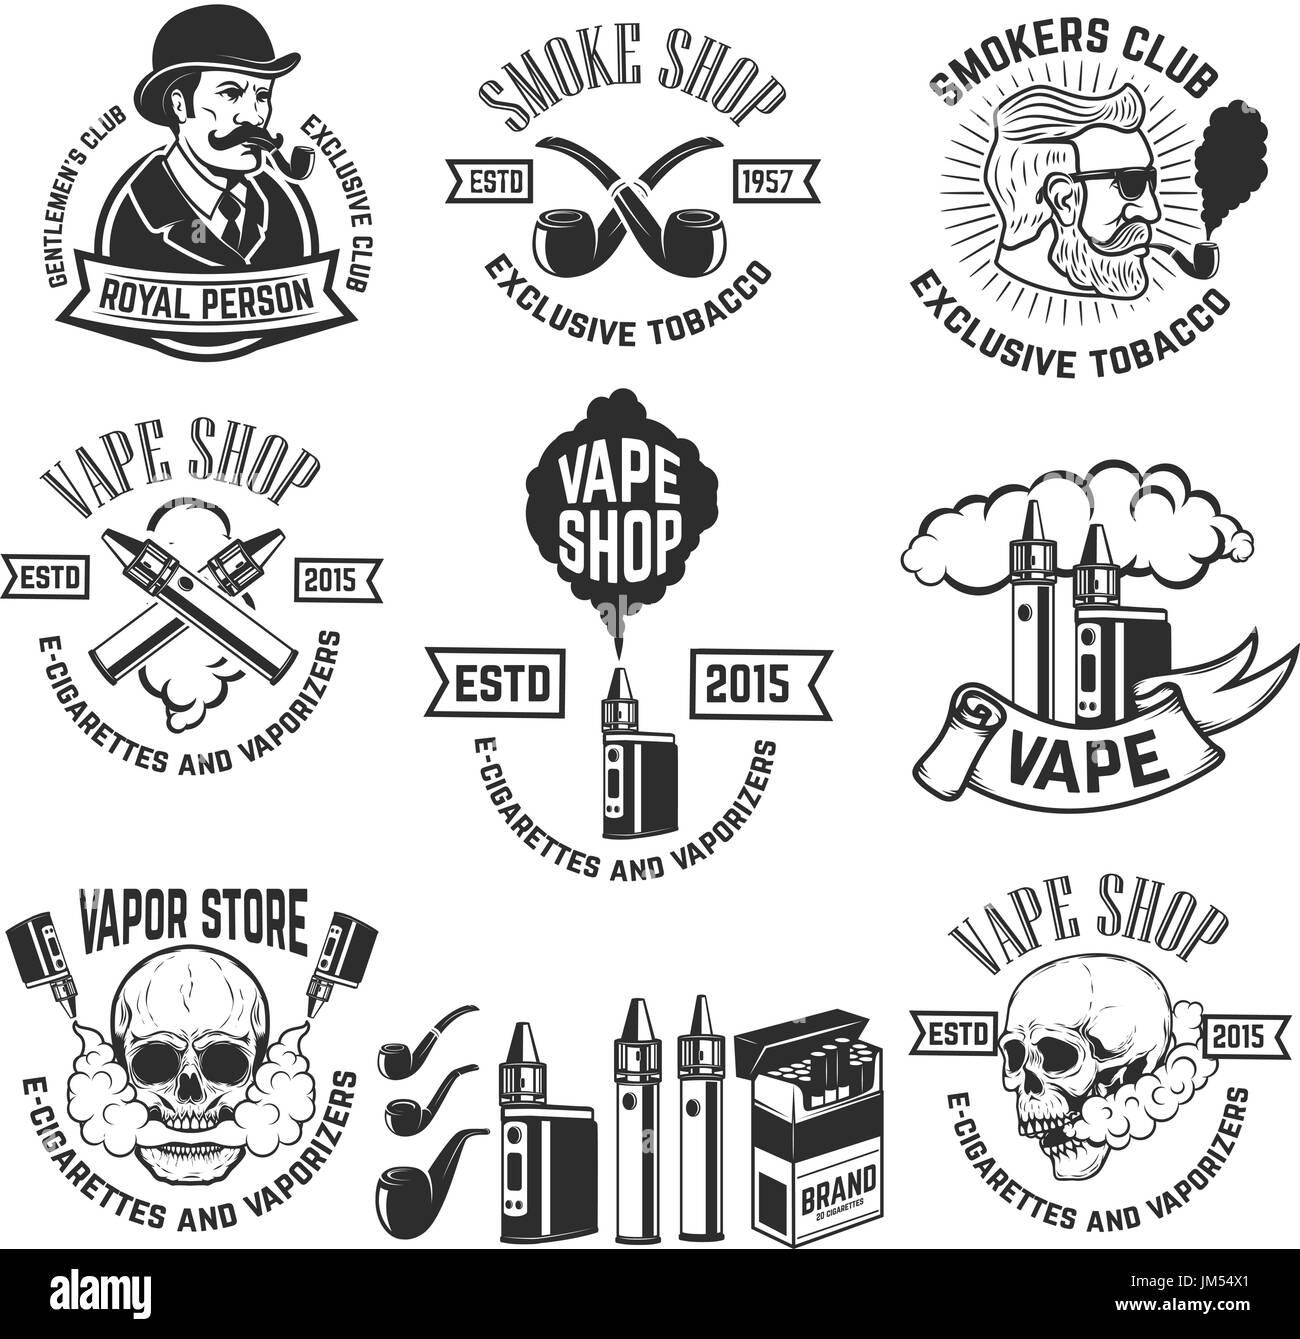 Set of vape shop emblem templates. Smoke shop. Design elements for logo, label, badge, sign. Vector illustration - Stock Image